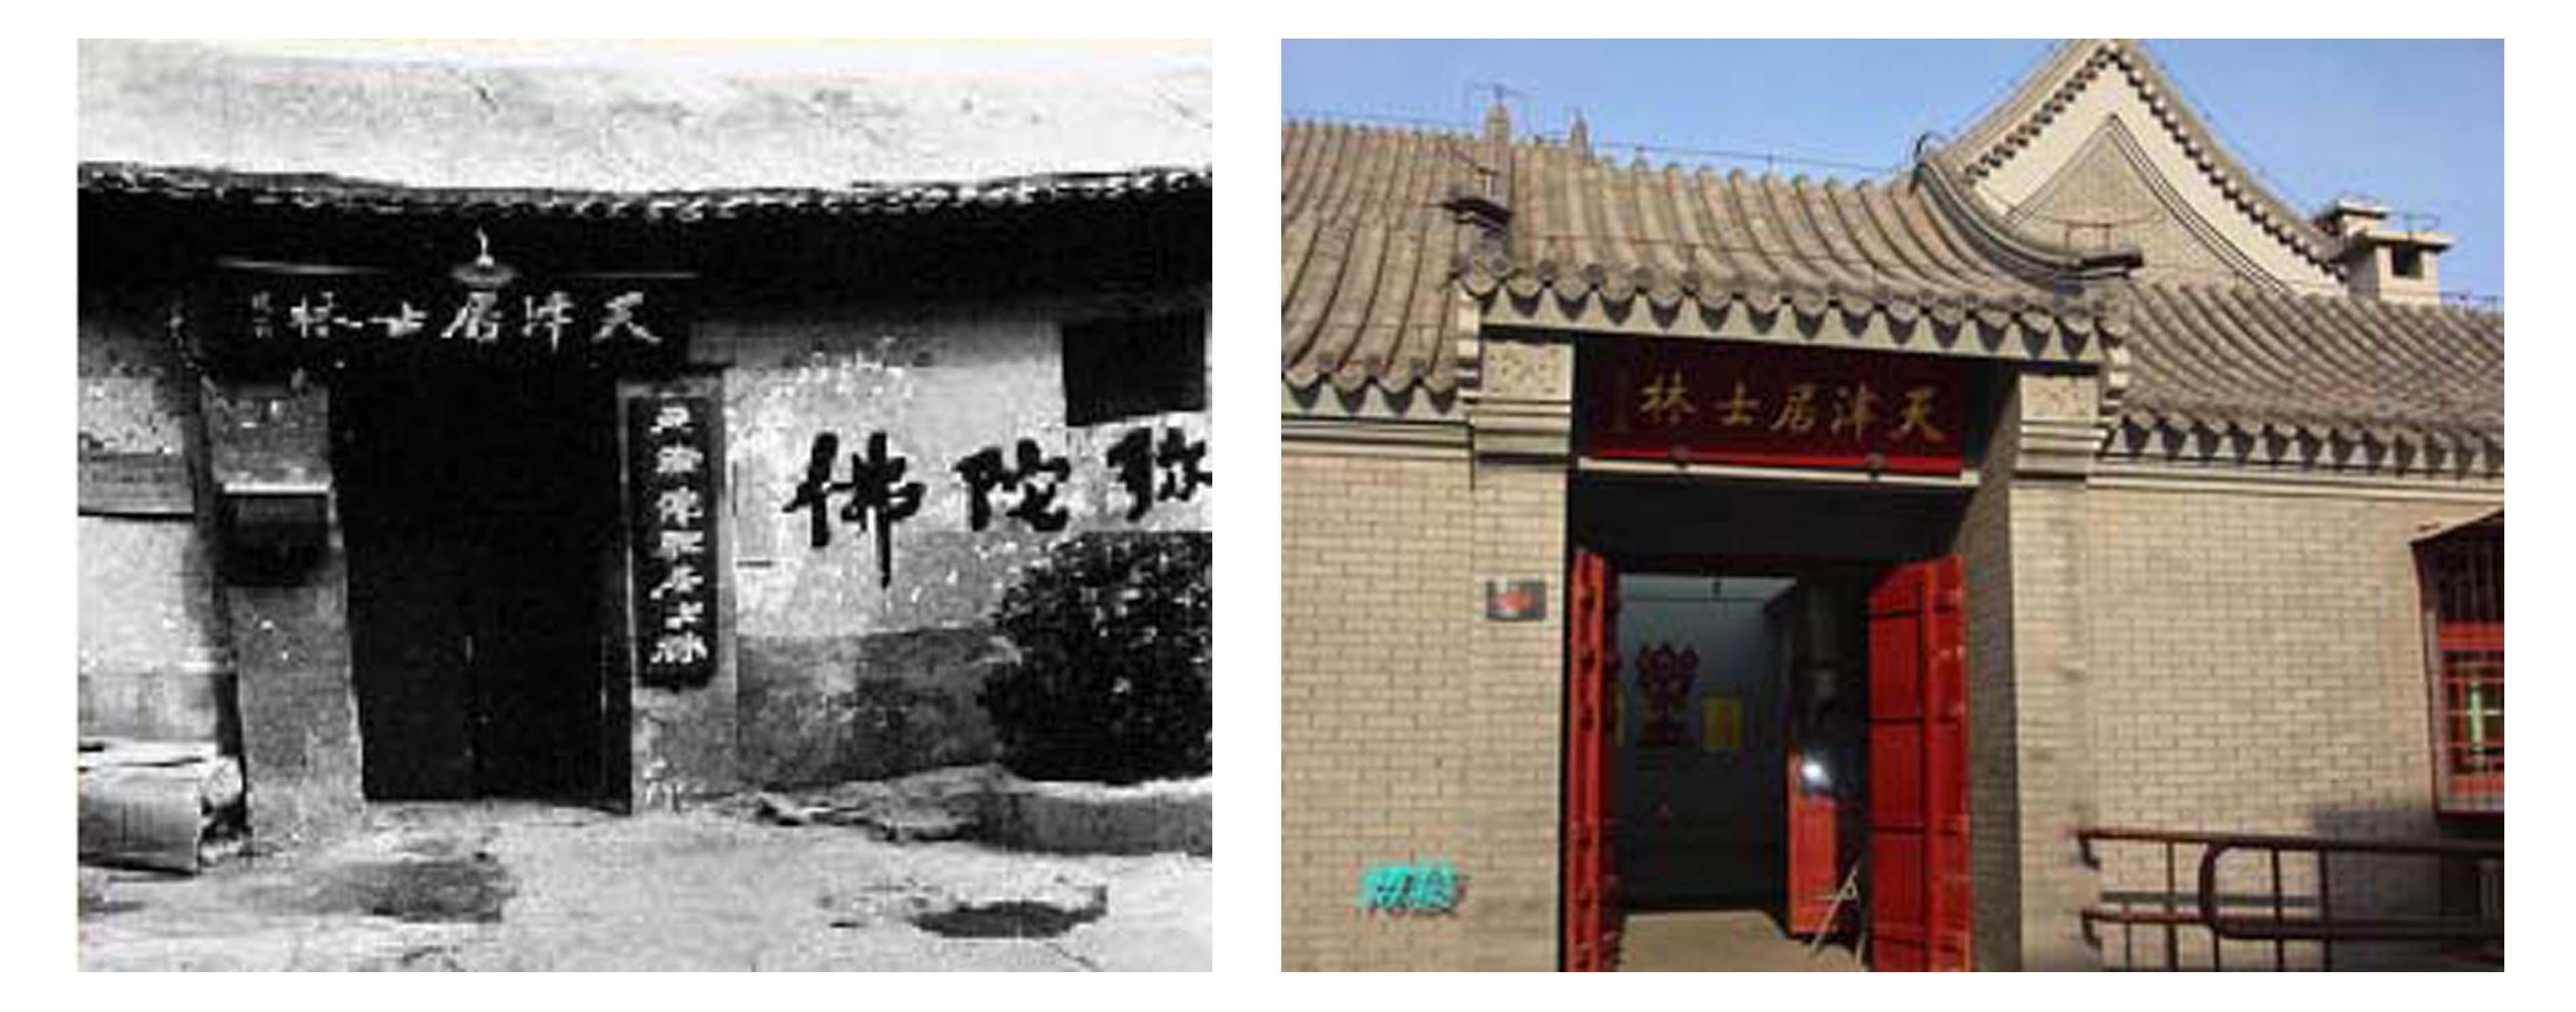 Kwei lin chinese restaurant gorebridge dating